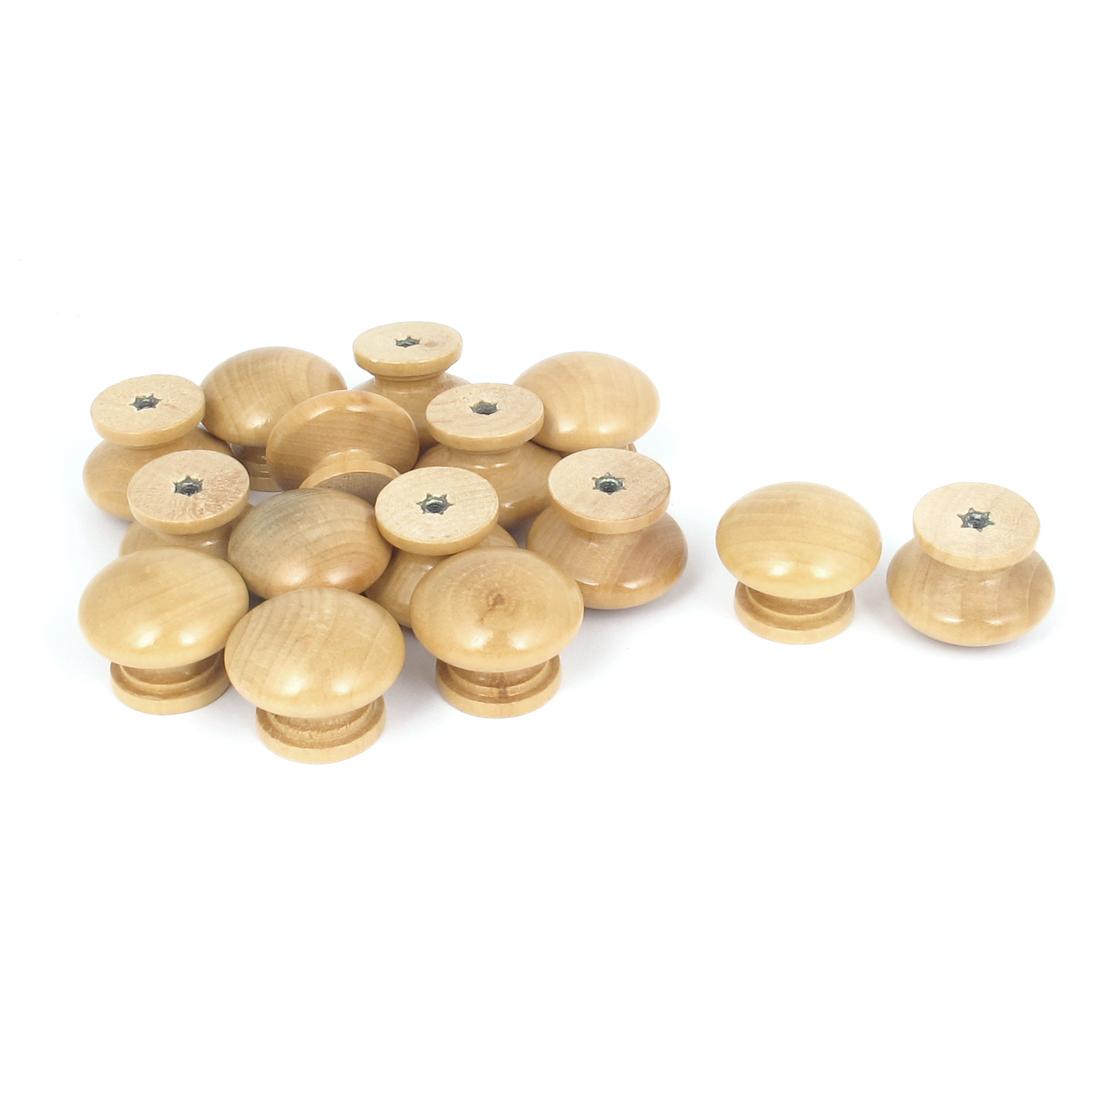 Cabinet Kitchen Cupboard Drawer Round Wooden Pull Knob Handle Beige 15Pcs